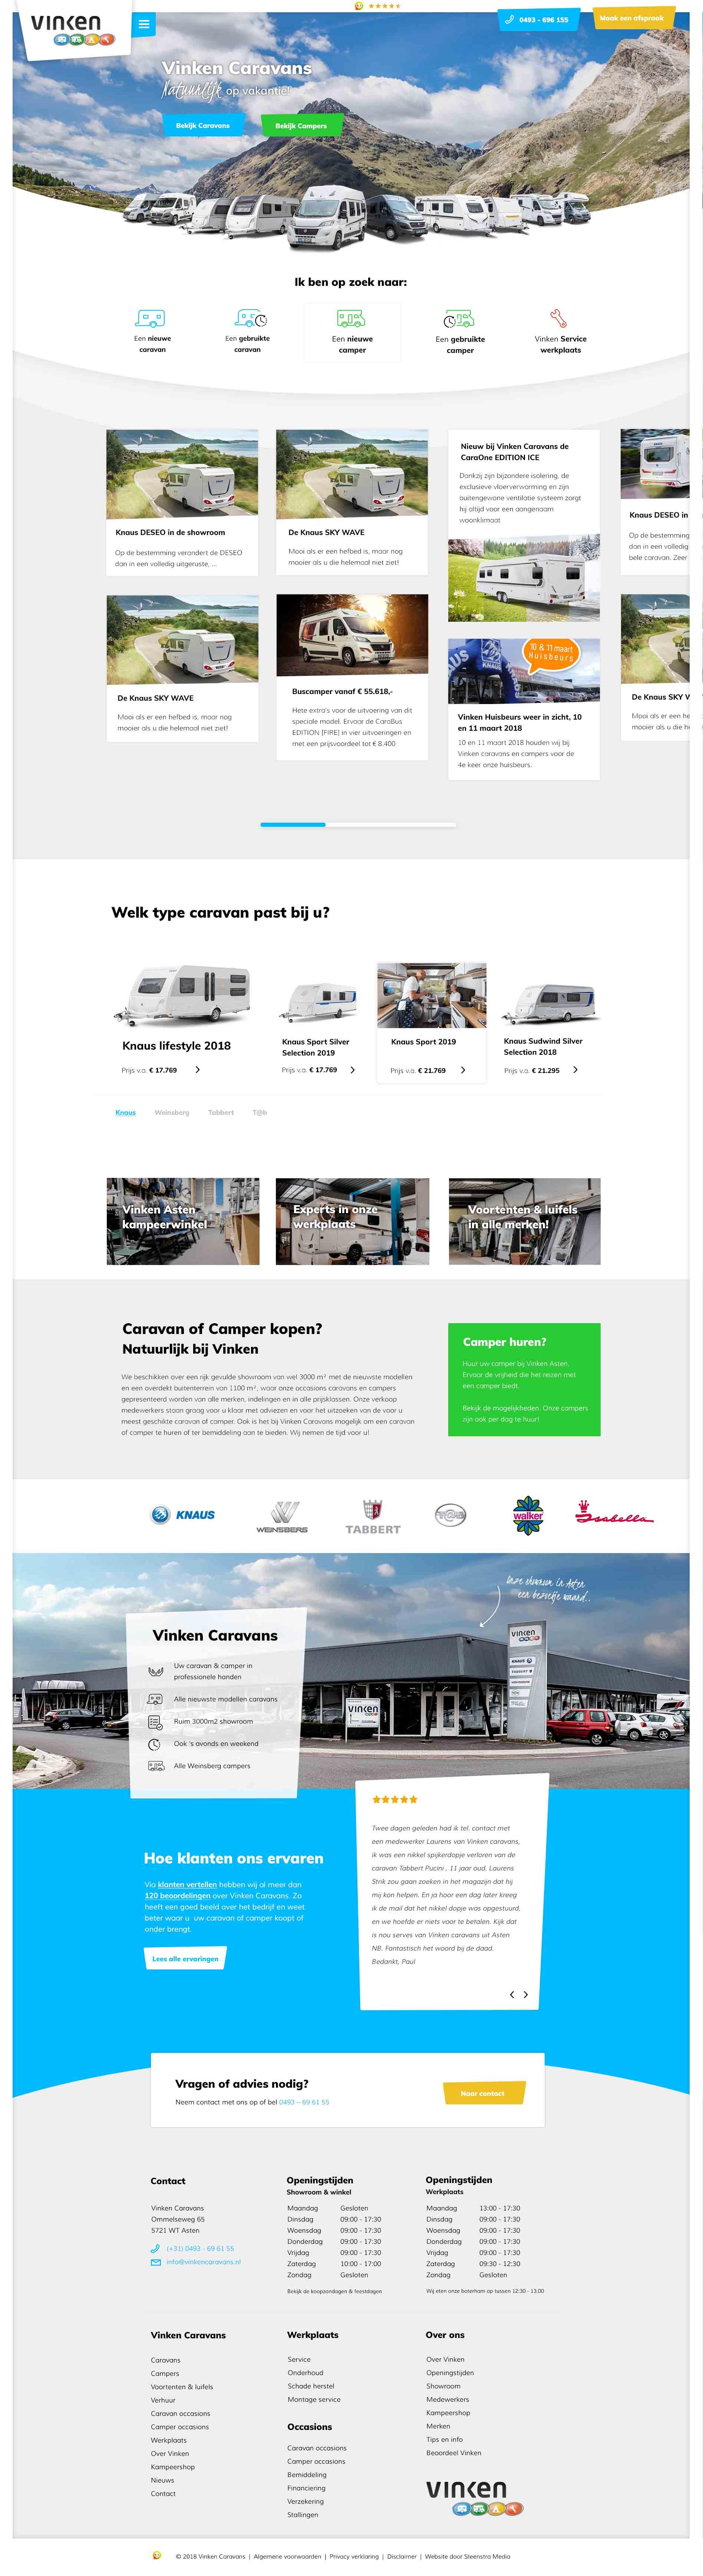 Vinken-Caravans-reclamebureau-internetbureau-website-maken-steenstramedia-someren